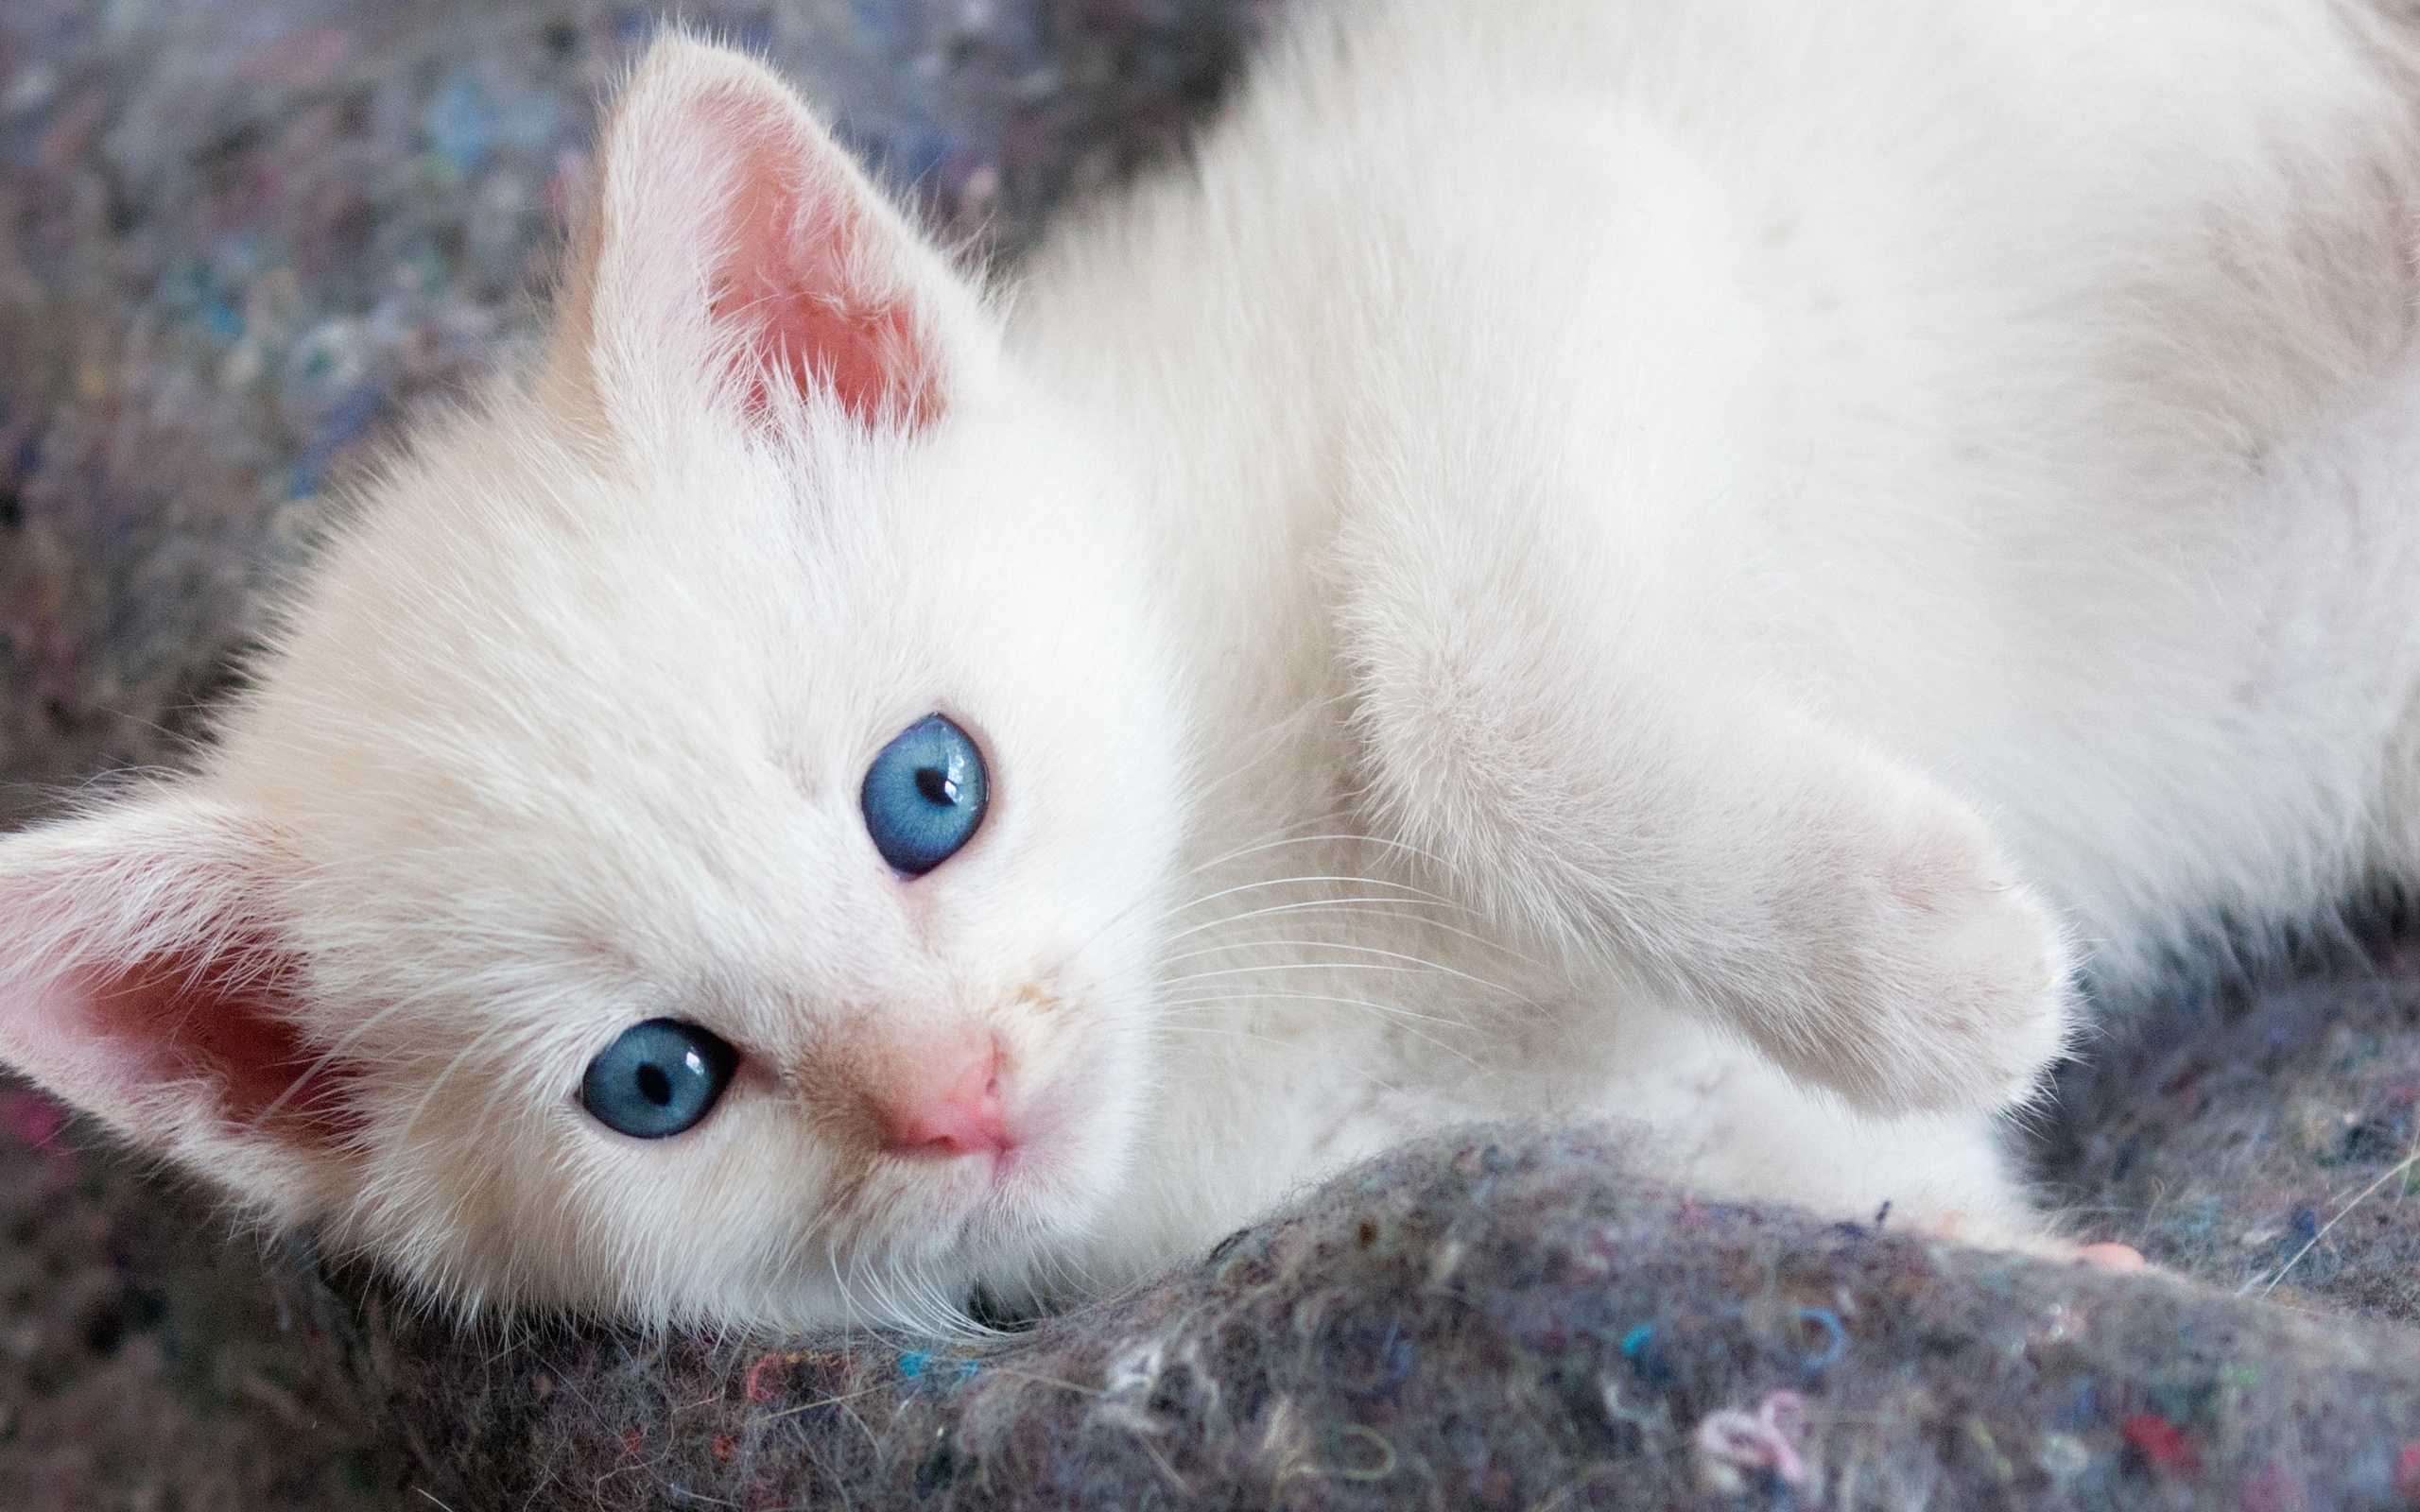 Картинки белых котят милых, для пацана прикольные